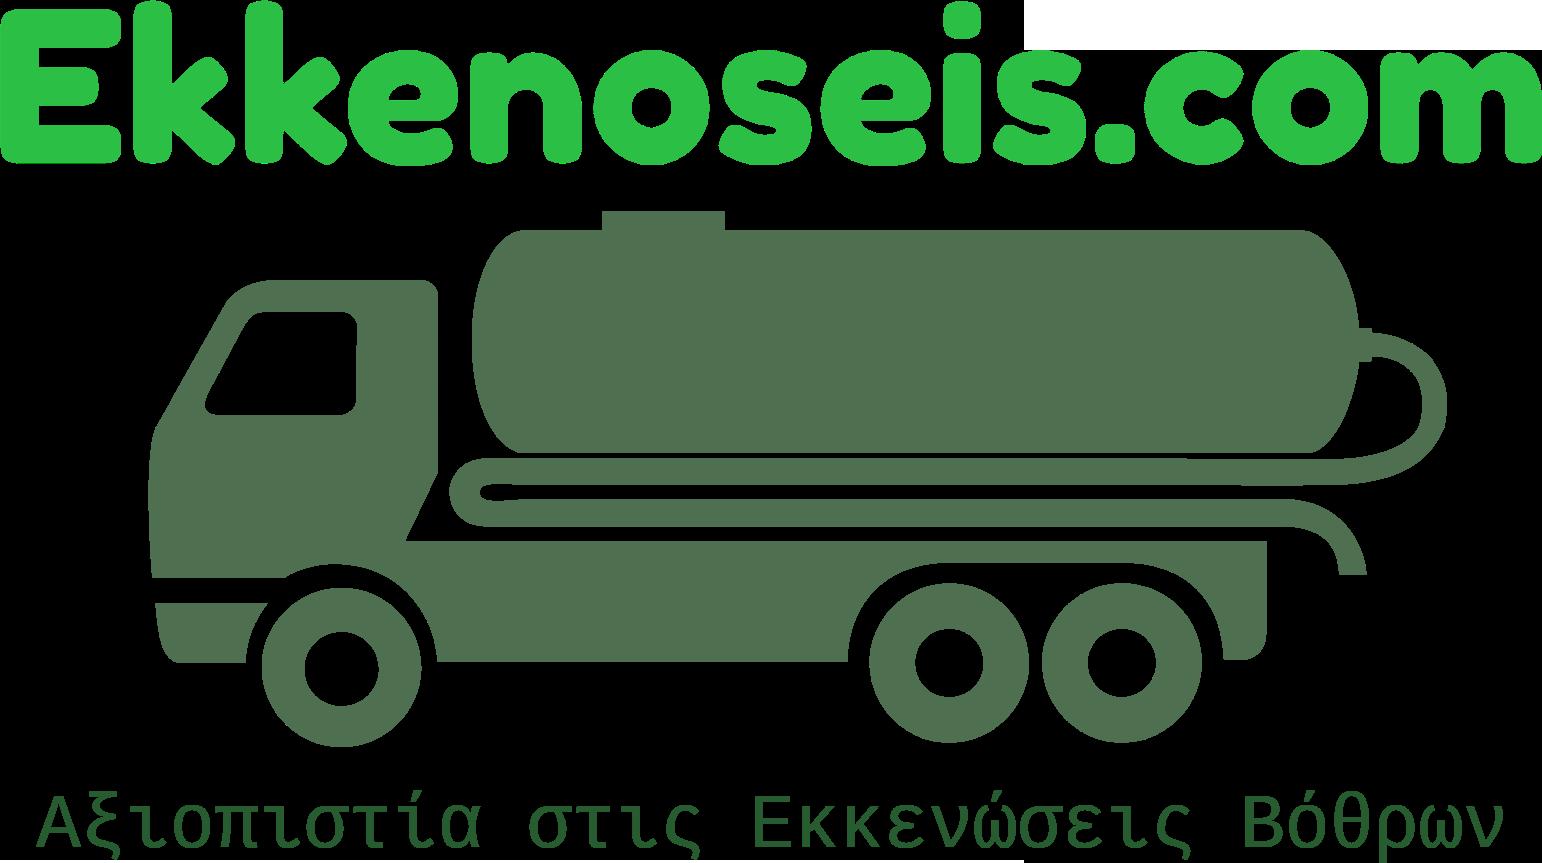 ekkenoseis.com